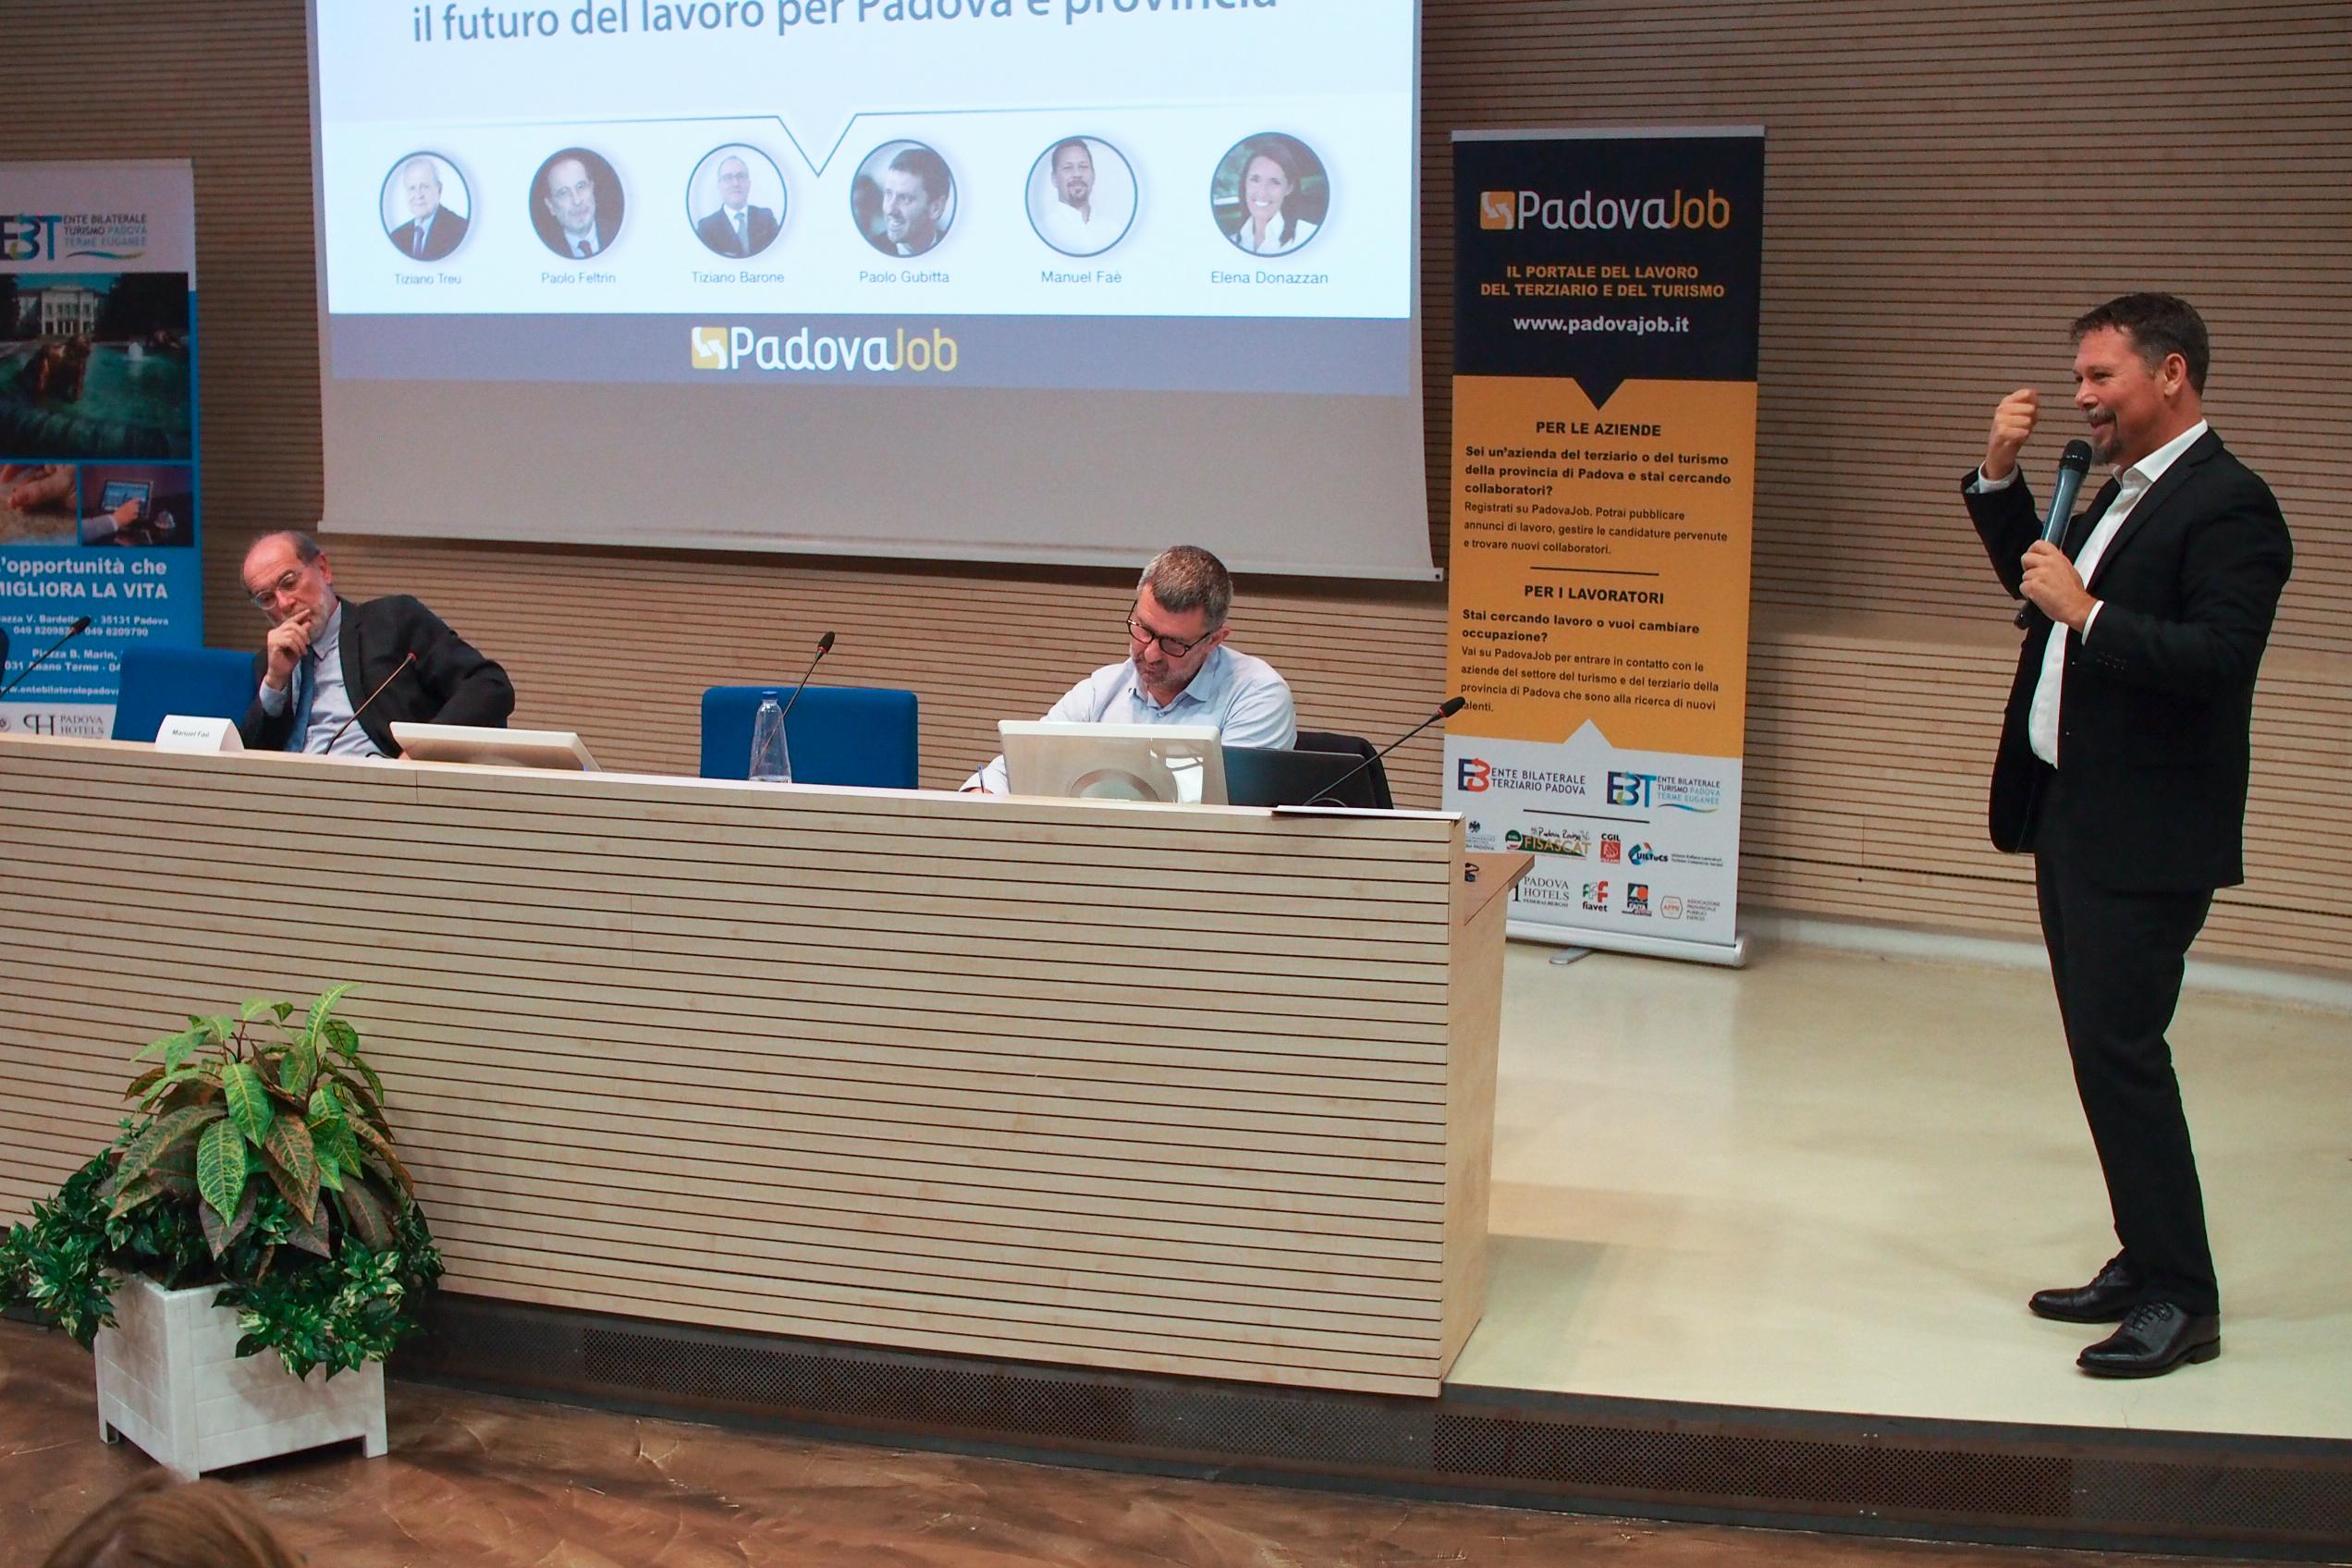 Manuel Faè Paolo Gubitta Paolo Feltrin Convegno Turismo e Servizi Padova